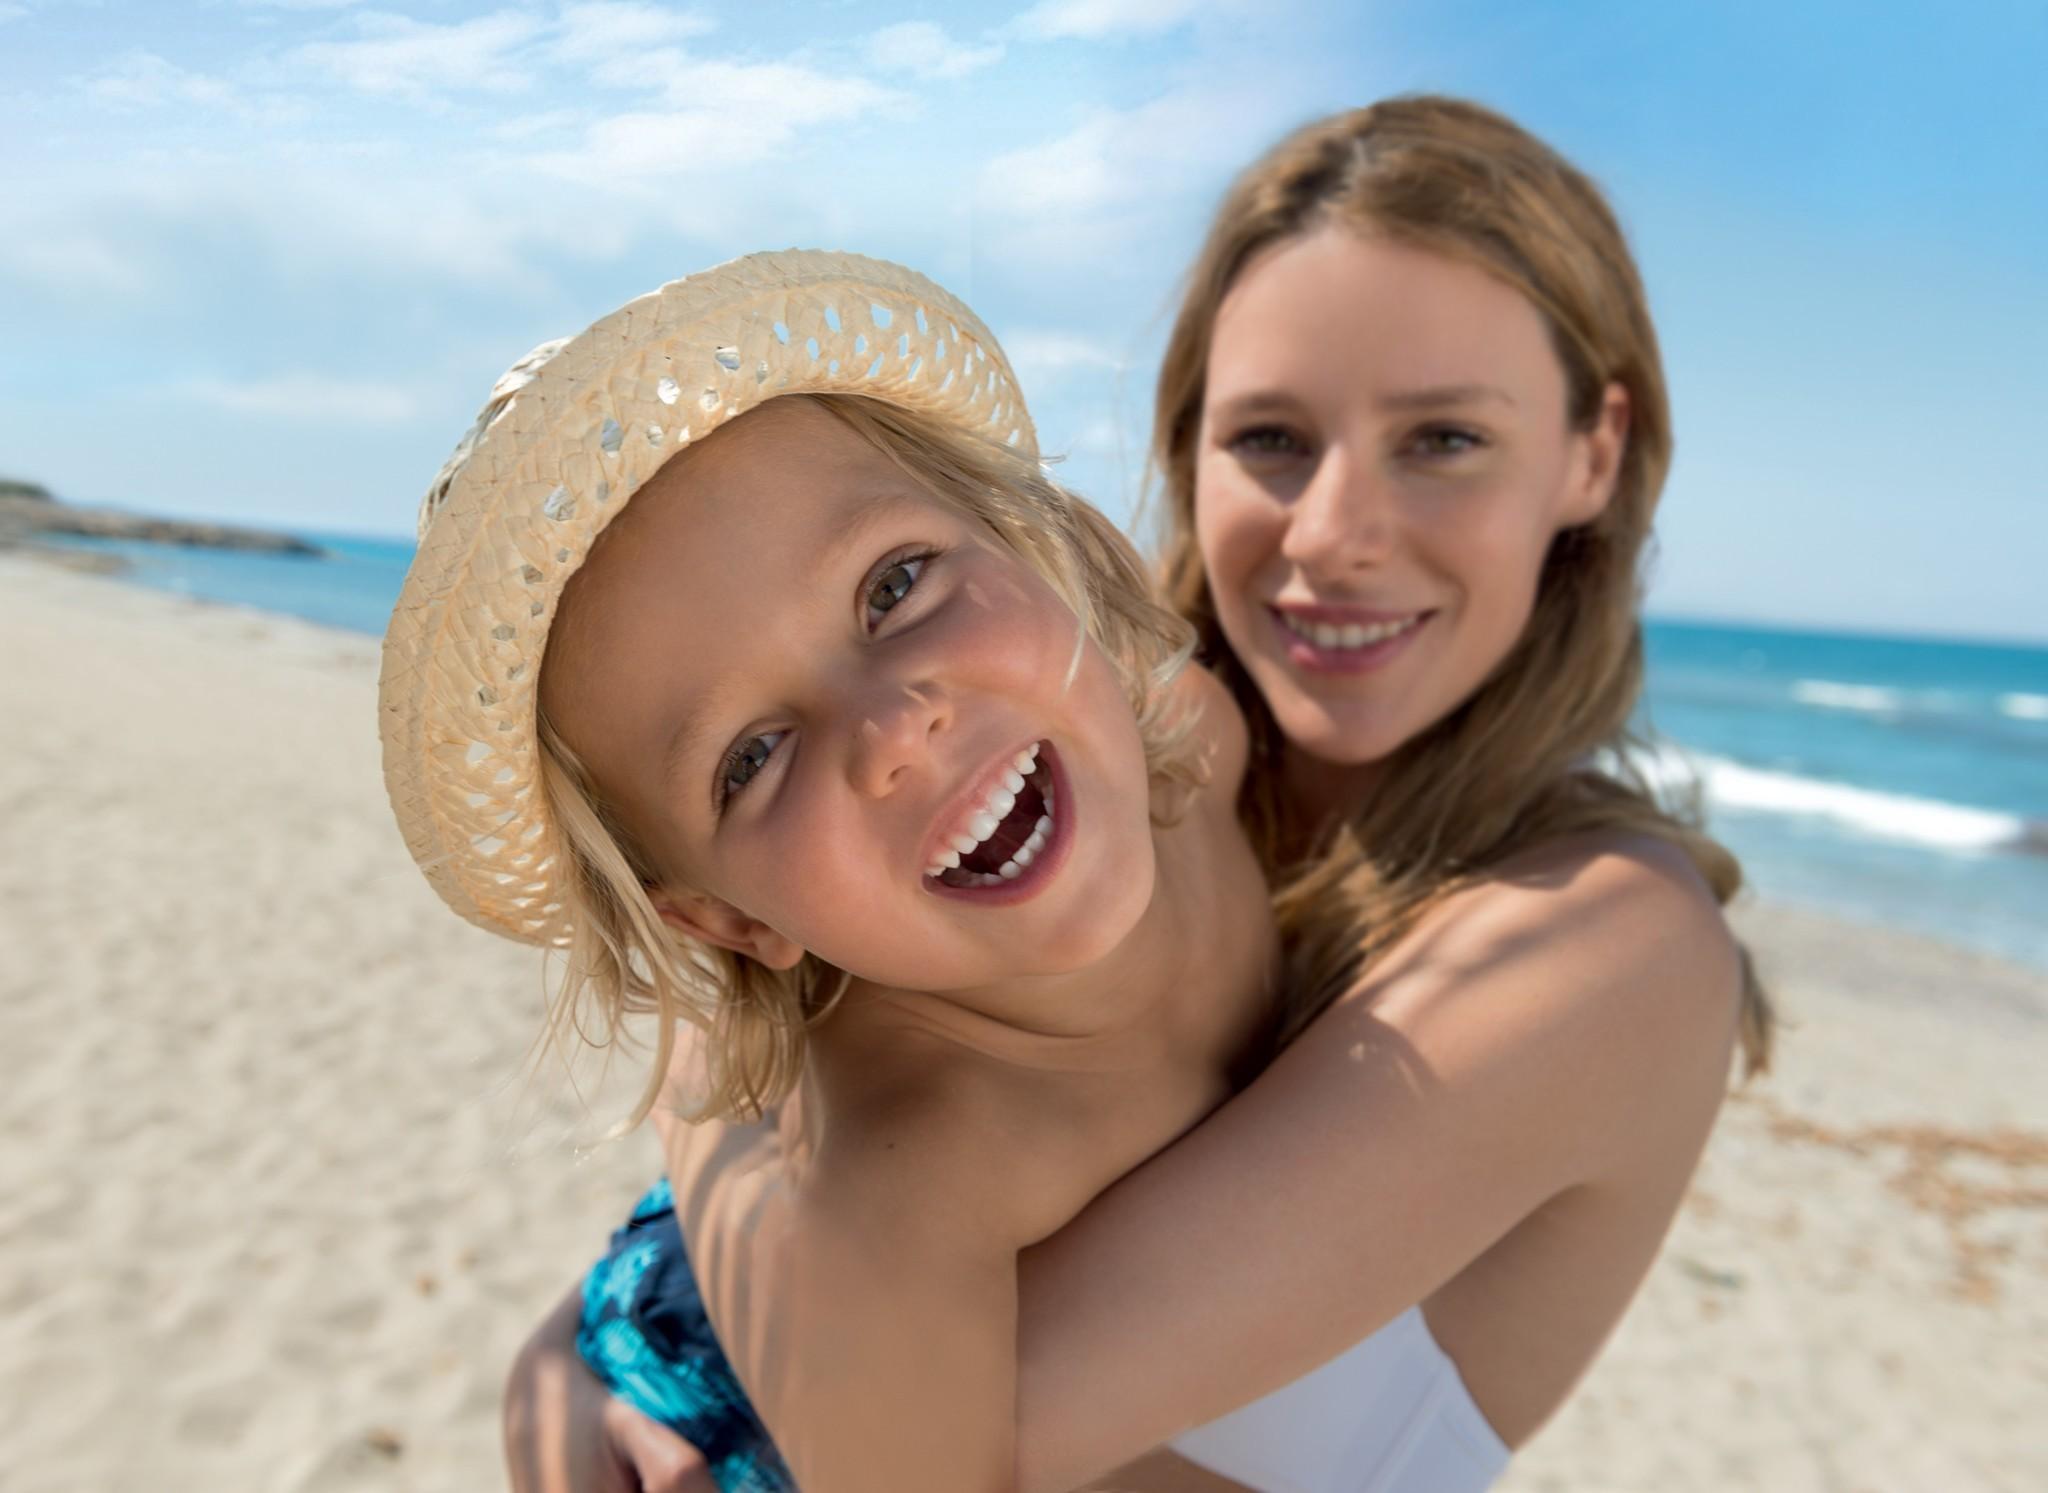 Защита от солнца: правила использования косметики